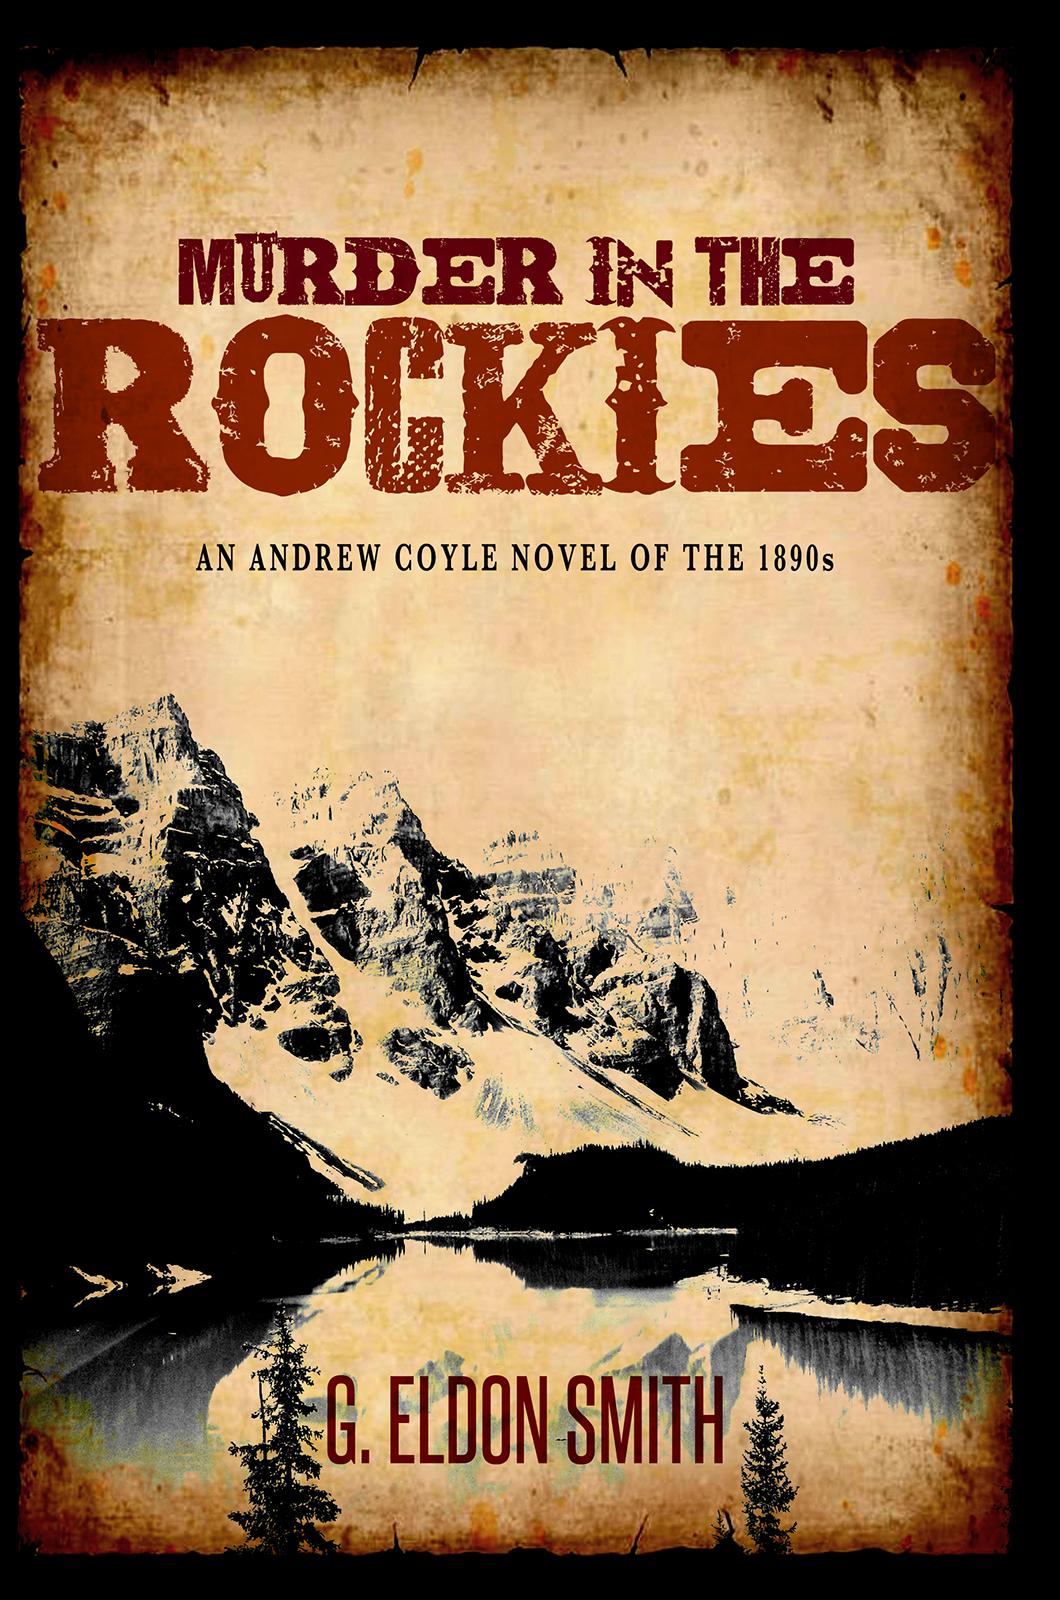 Murder in the Rockies